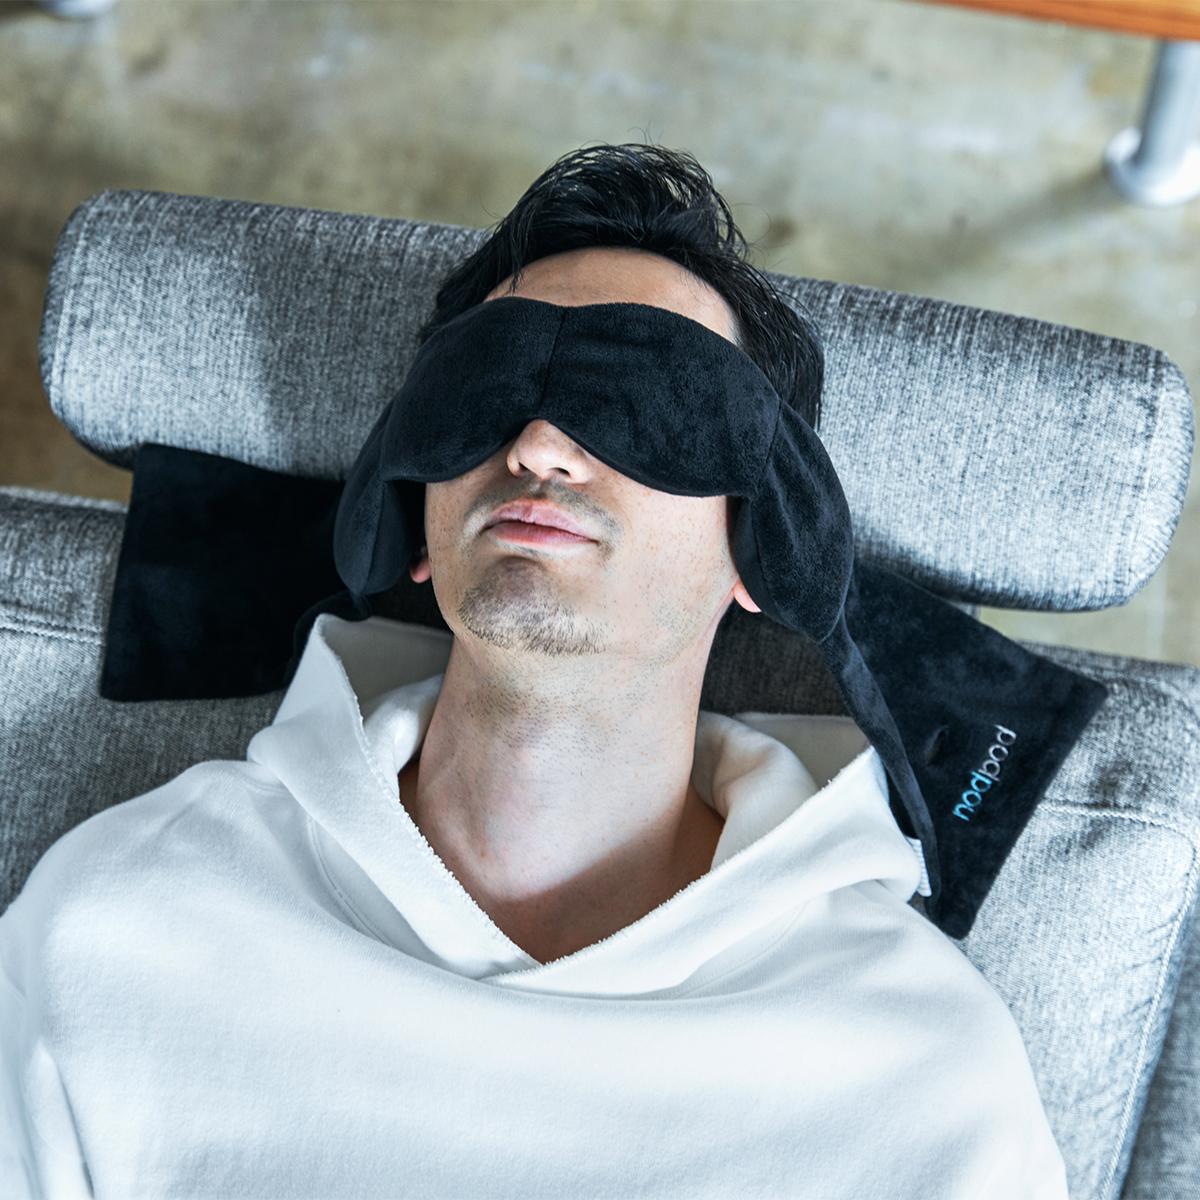 イヤーマフをふんわり乗せているように暖かくて気持ちいい。目の上に乗せるだけ、穏やかな重みで夢の世界へ。寝返りを打ってもズレにくい「スリープマスク」|nodpod(ノッドポッド)